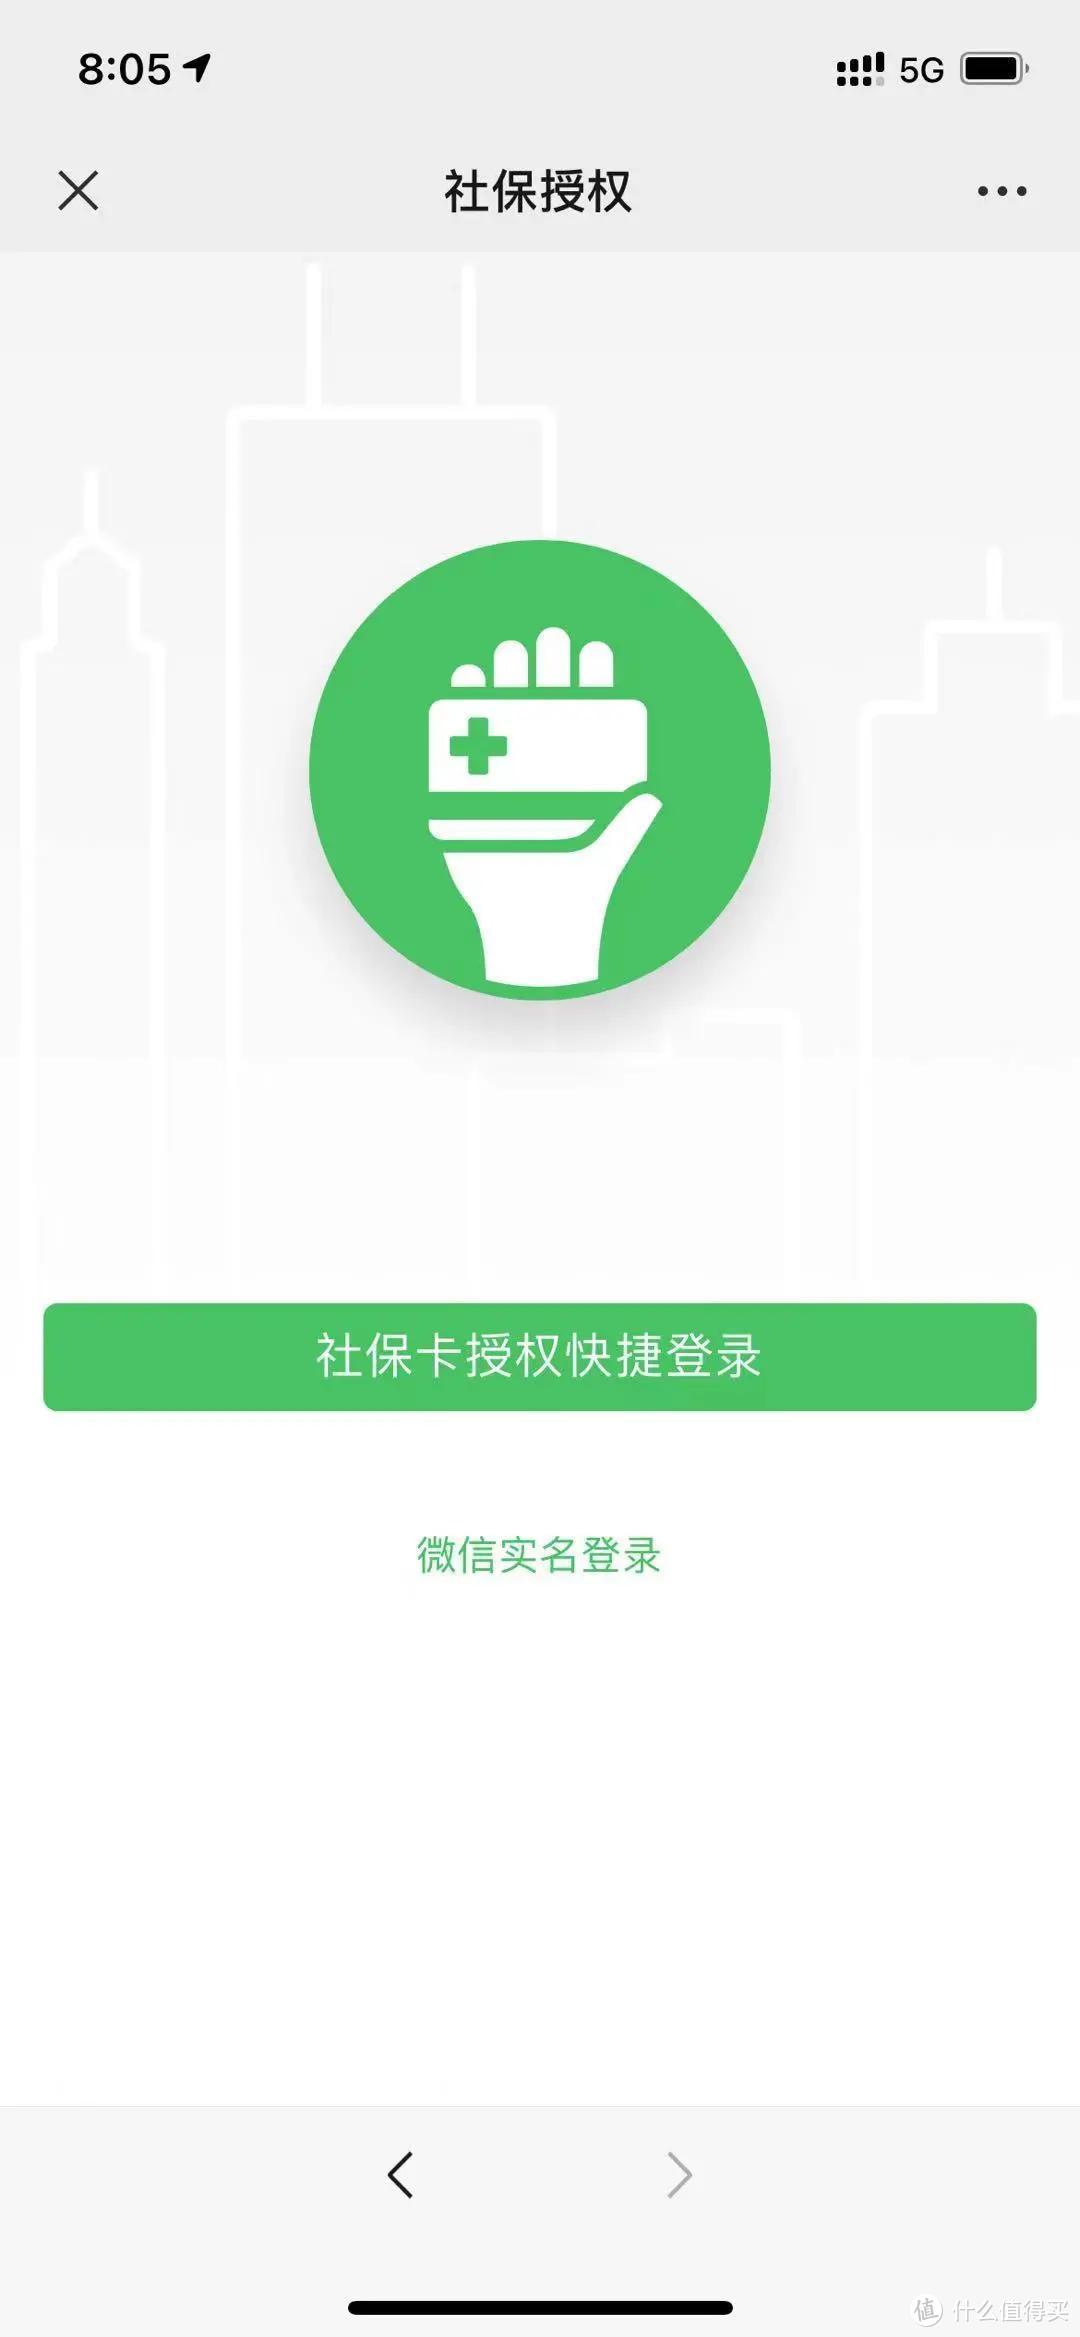 郑州市民卡上线!8.8折起交水电暖燃气通讯有线电视费!